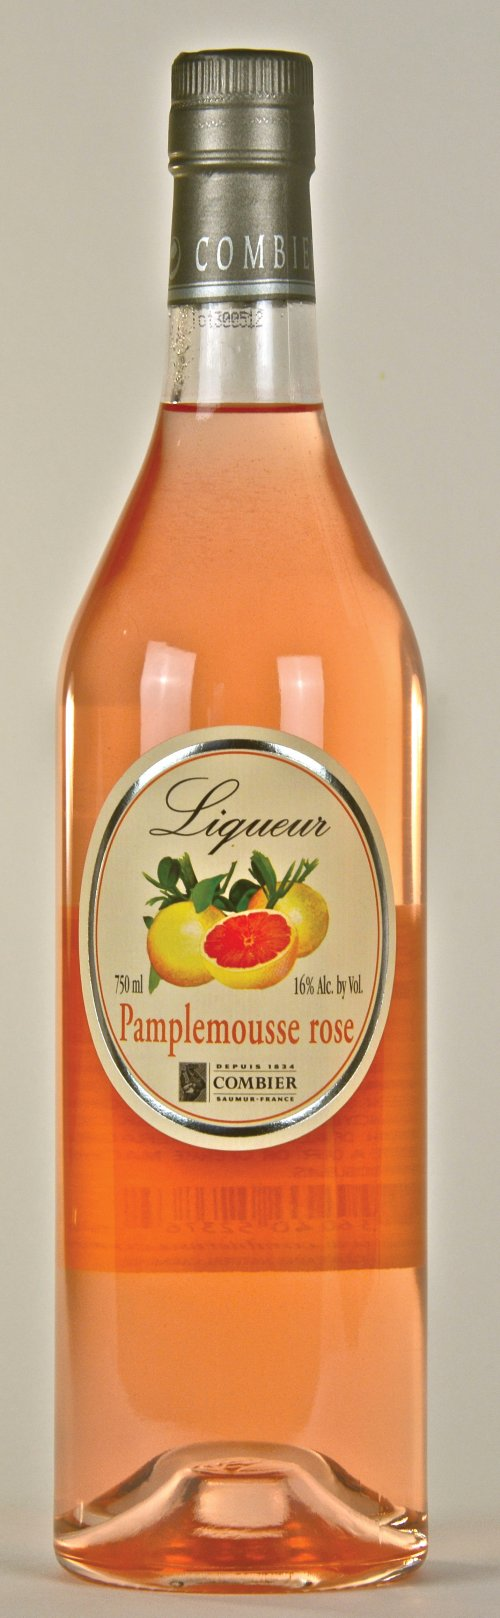 Combier Pamplemousse Rose Liqueur